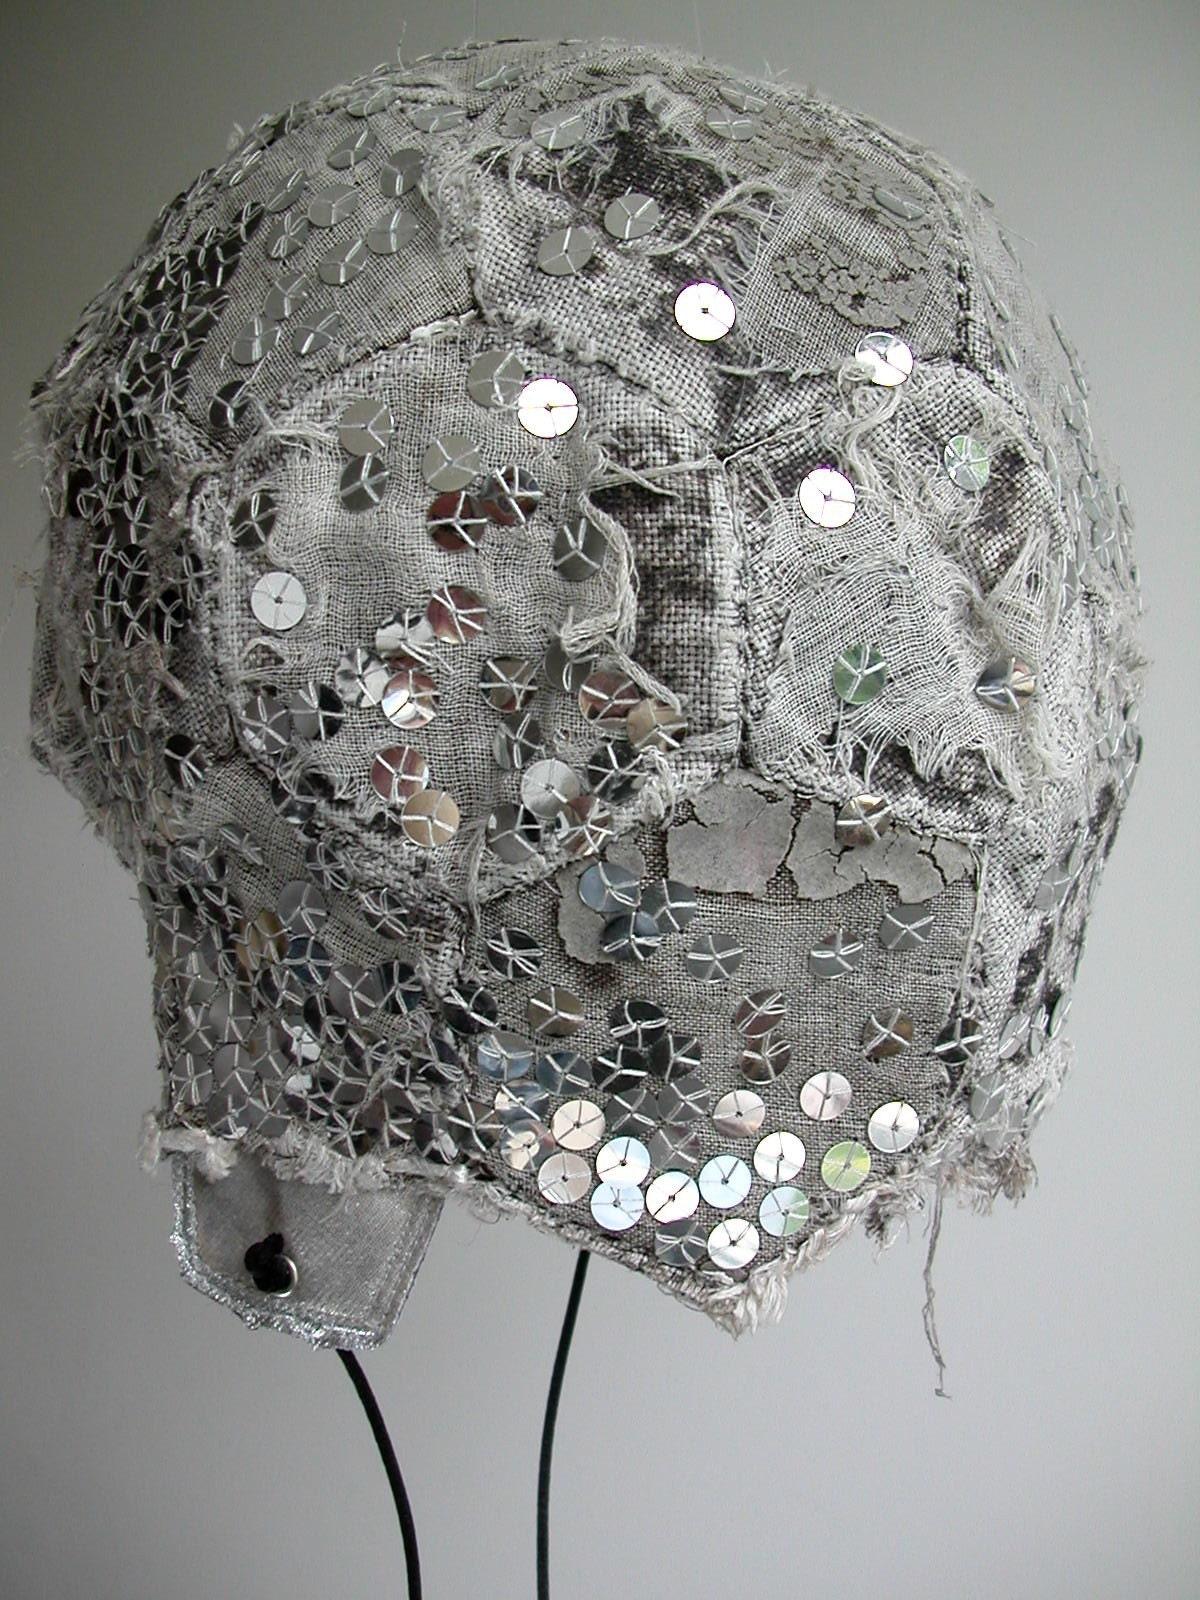 Glitterball by Maria Pantel